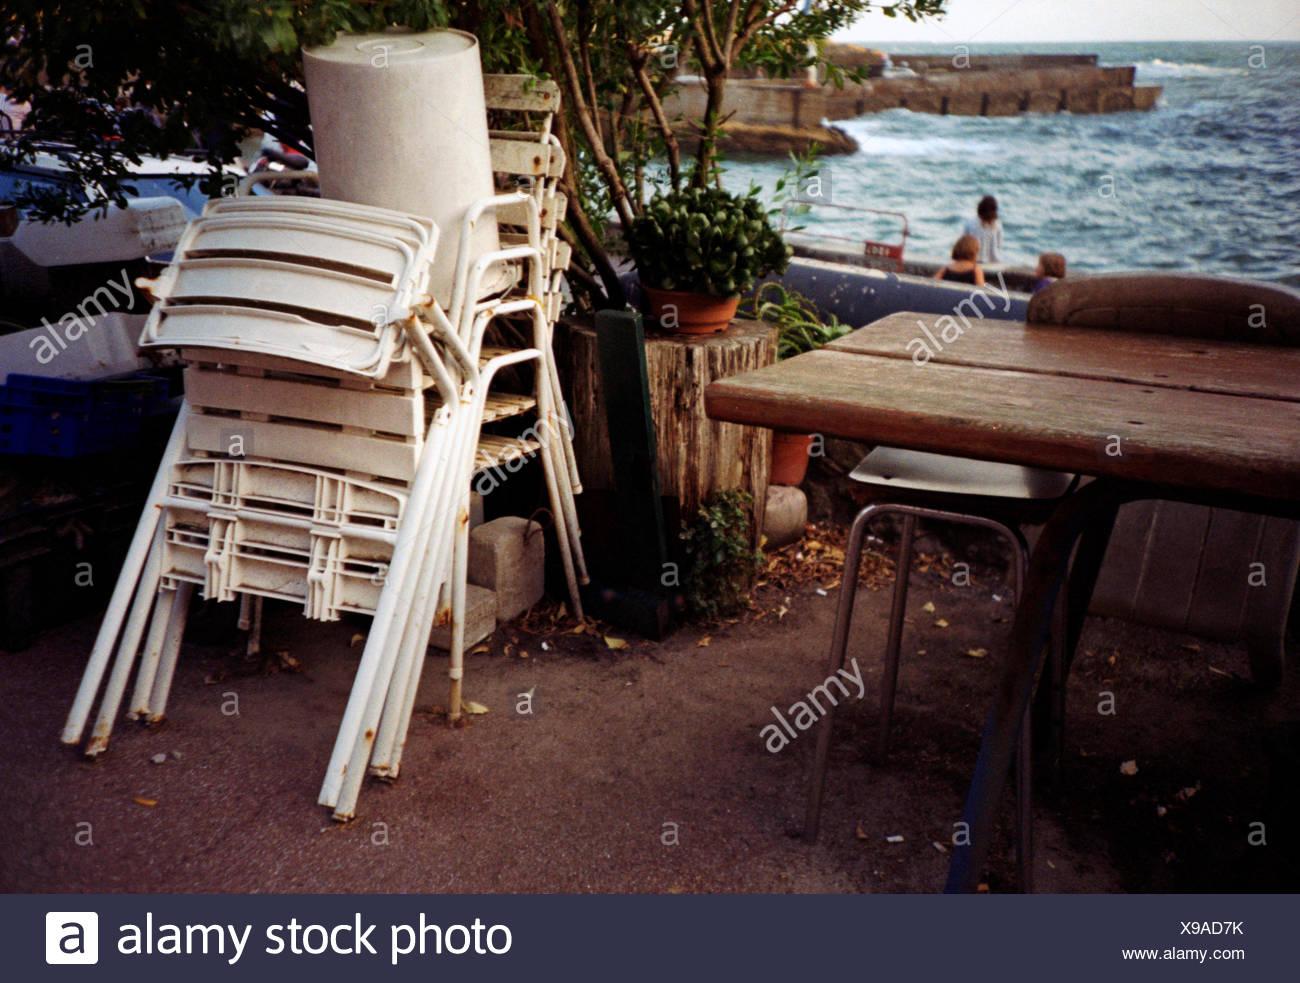 Stock Sedie In Plastica.Pila Di Svuotare Le Sedie In Plastica Sulla Terrazza Con Vista Sul